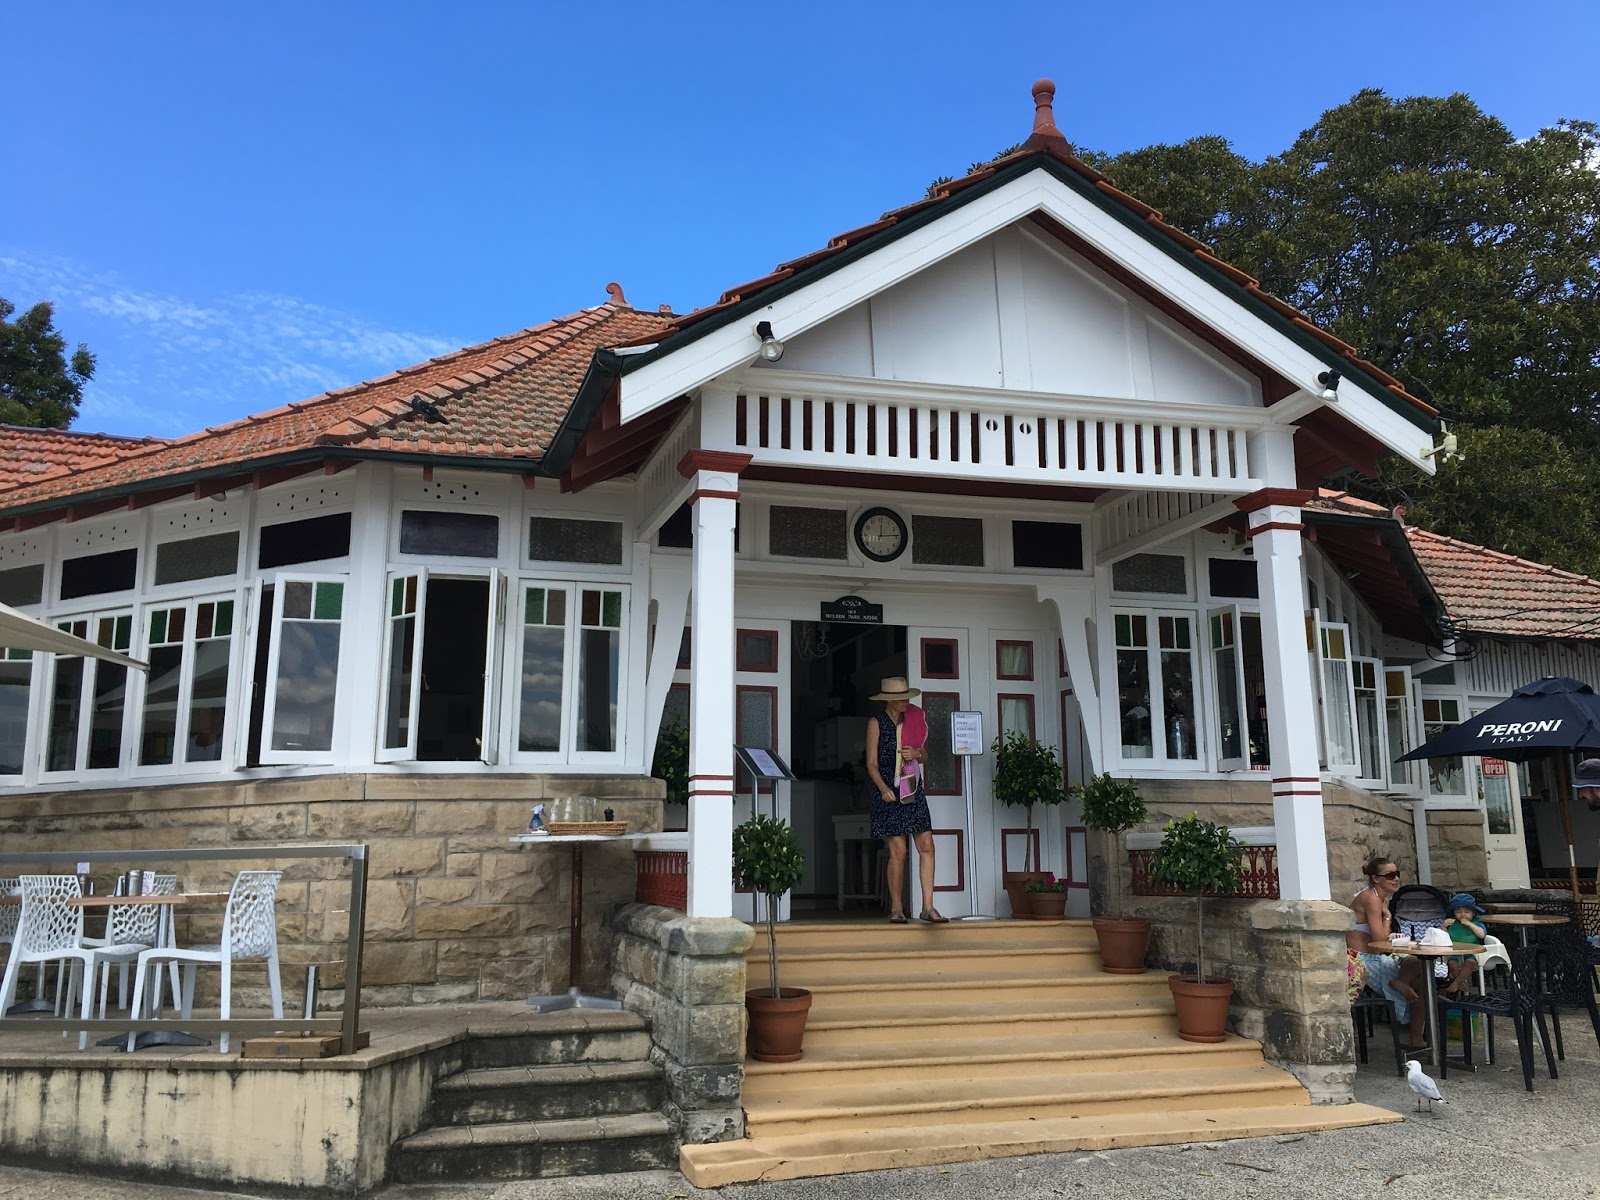 Nielsen Park Cafe And Restaurant